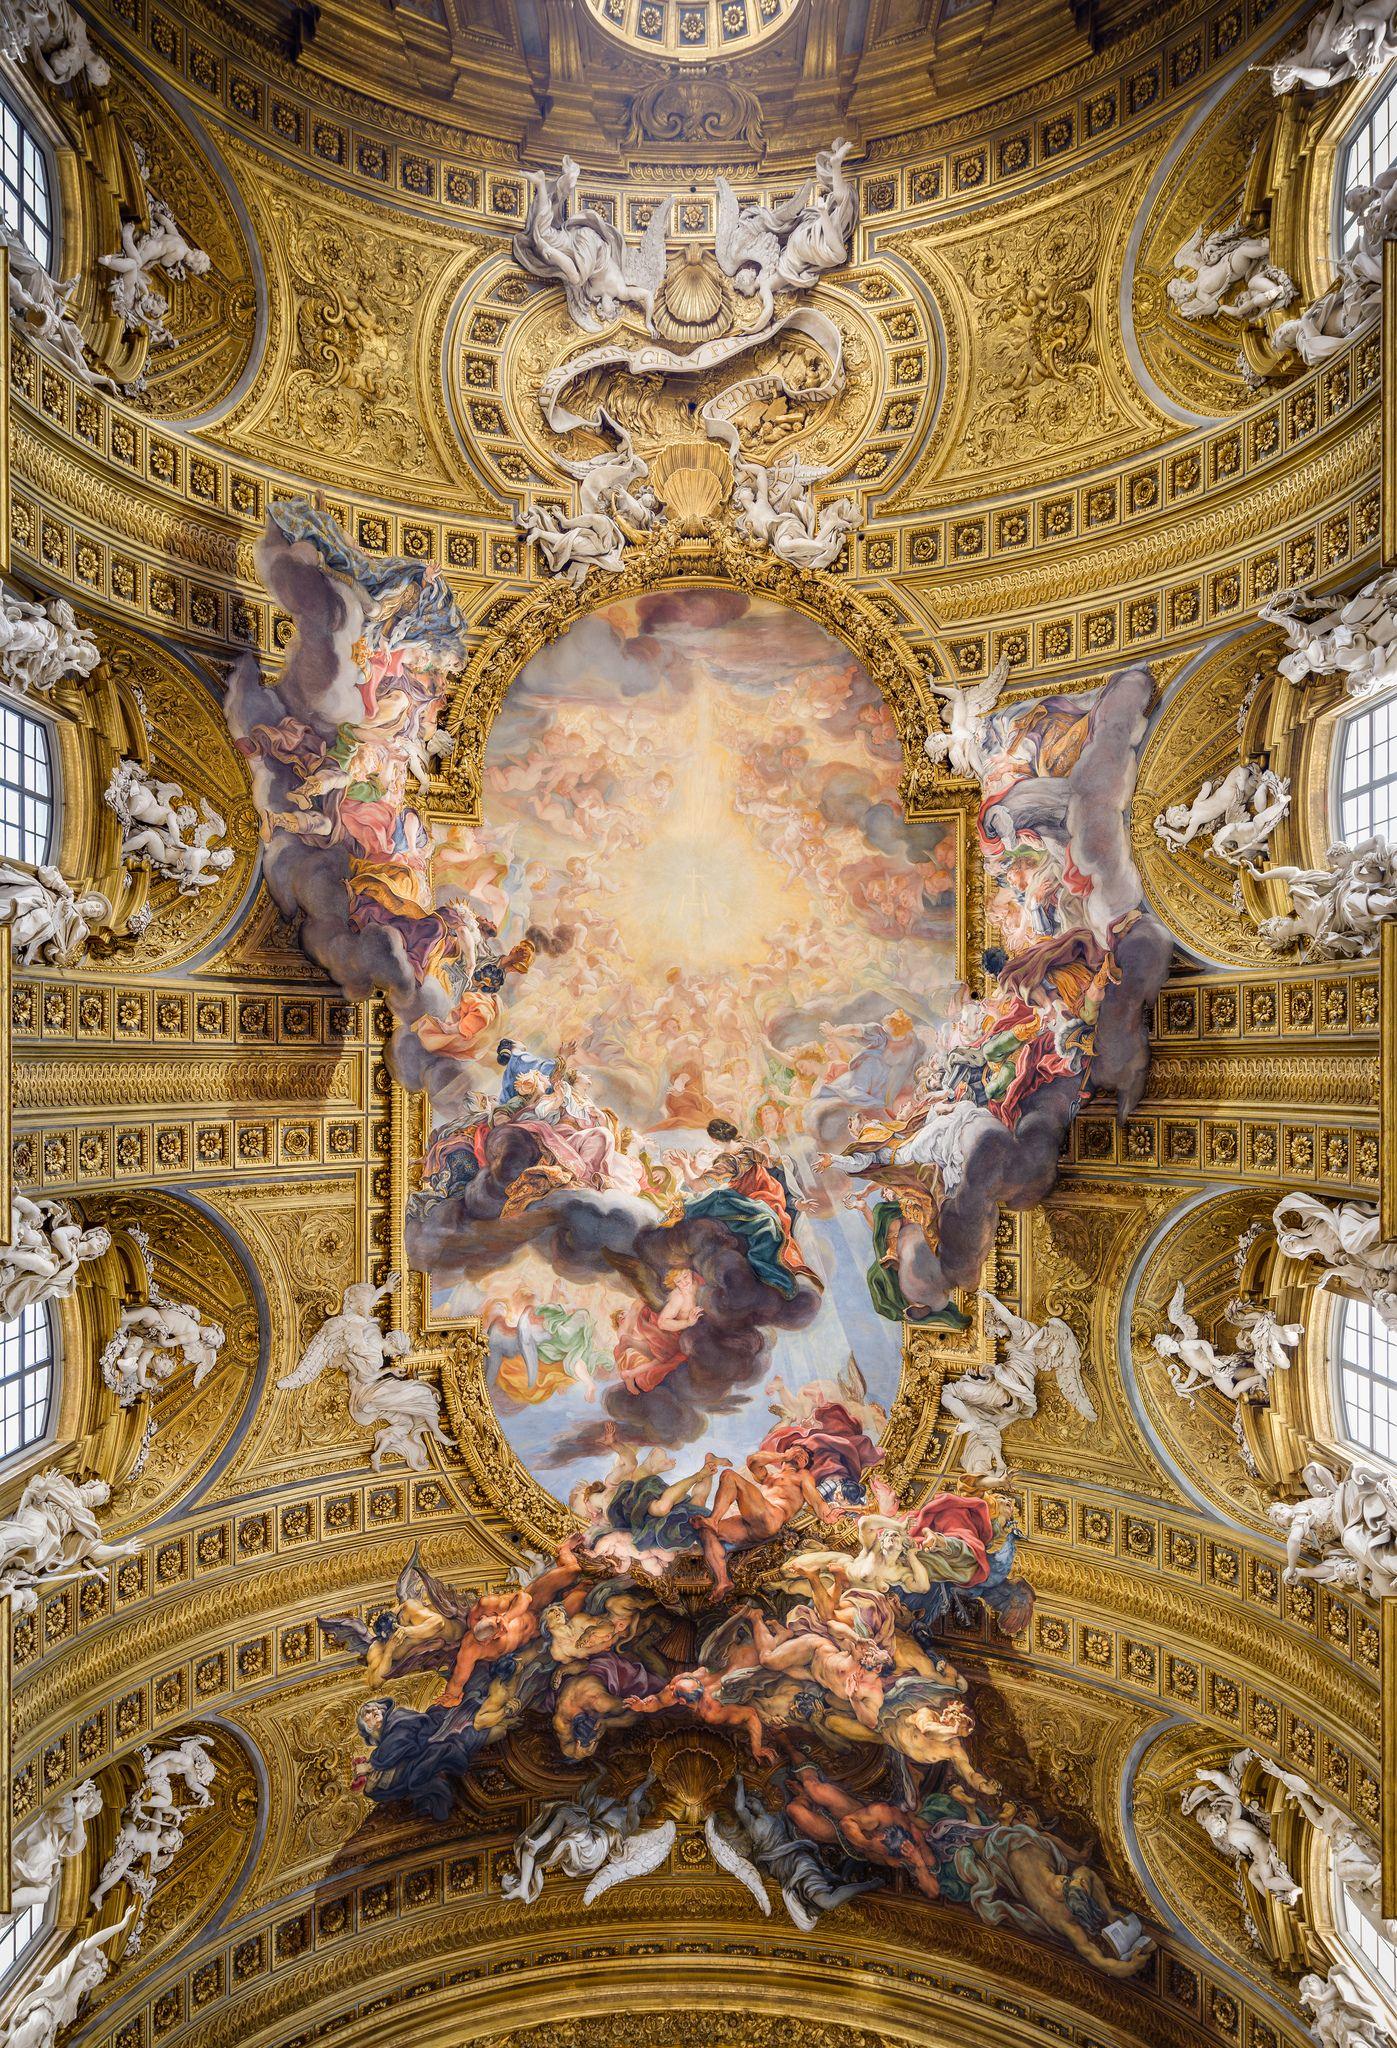 Giovanni battista gaulli dit il baciccio g nes 1639 for Baroque italien